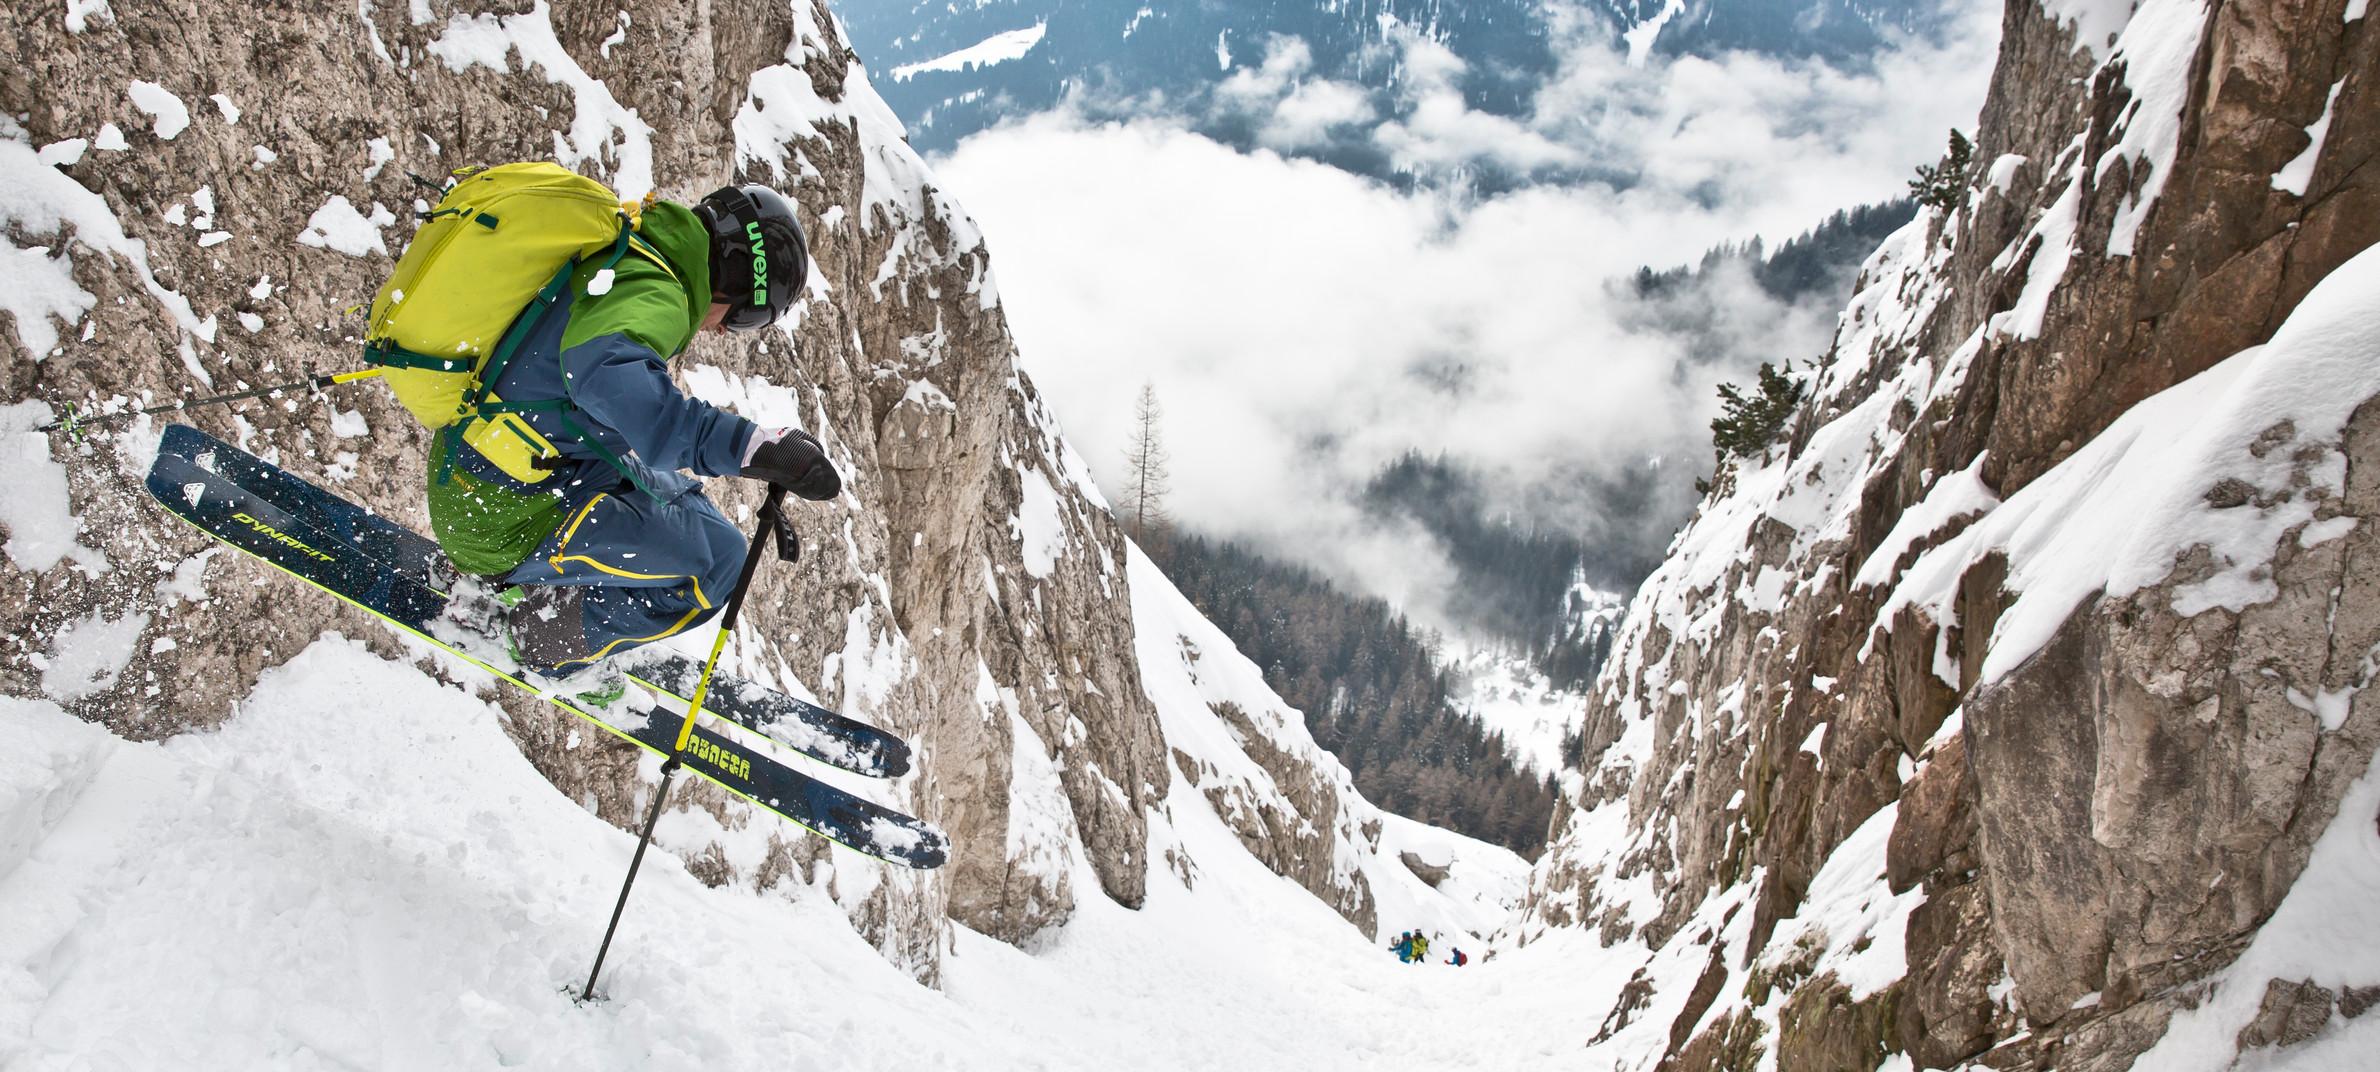 san-martino-di-castrozza---rosetta---sci-alpinismo---free-ride_29297@2x